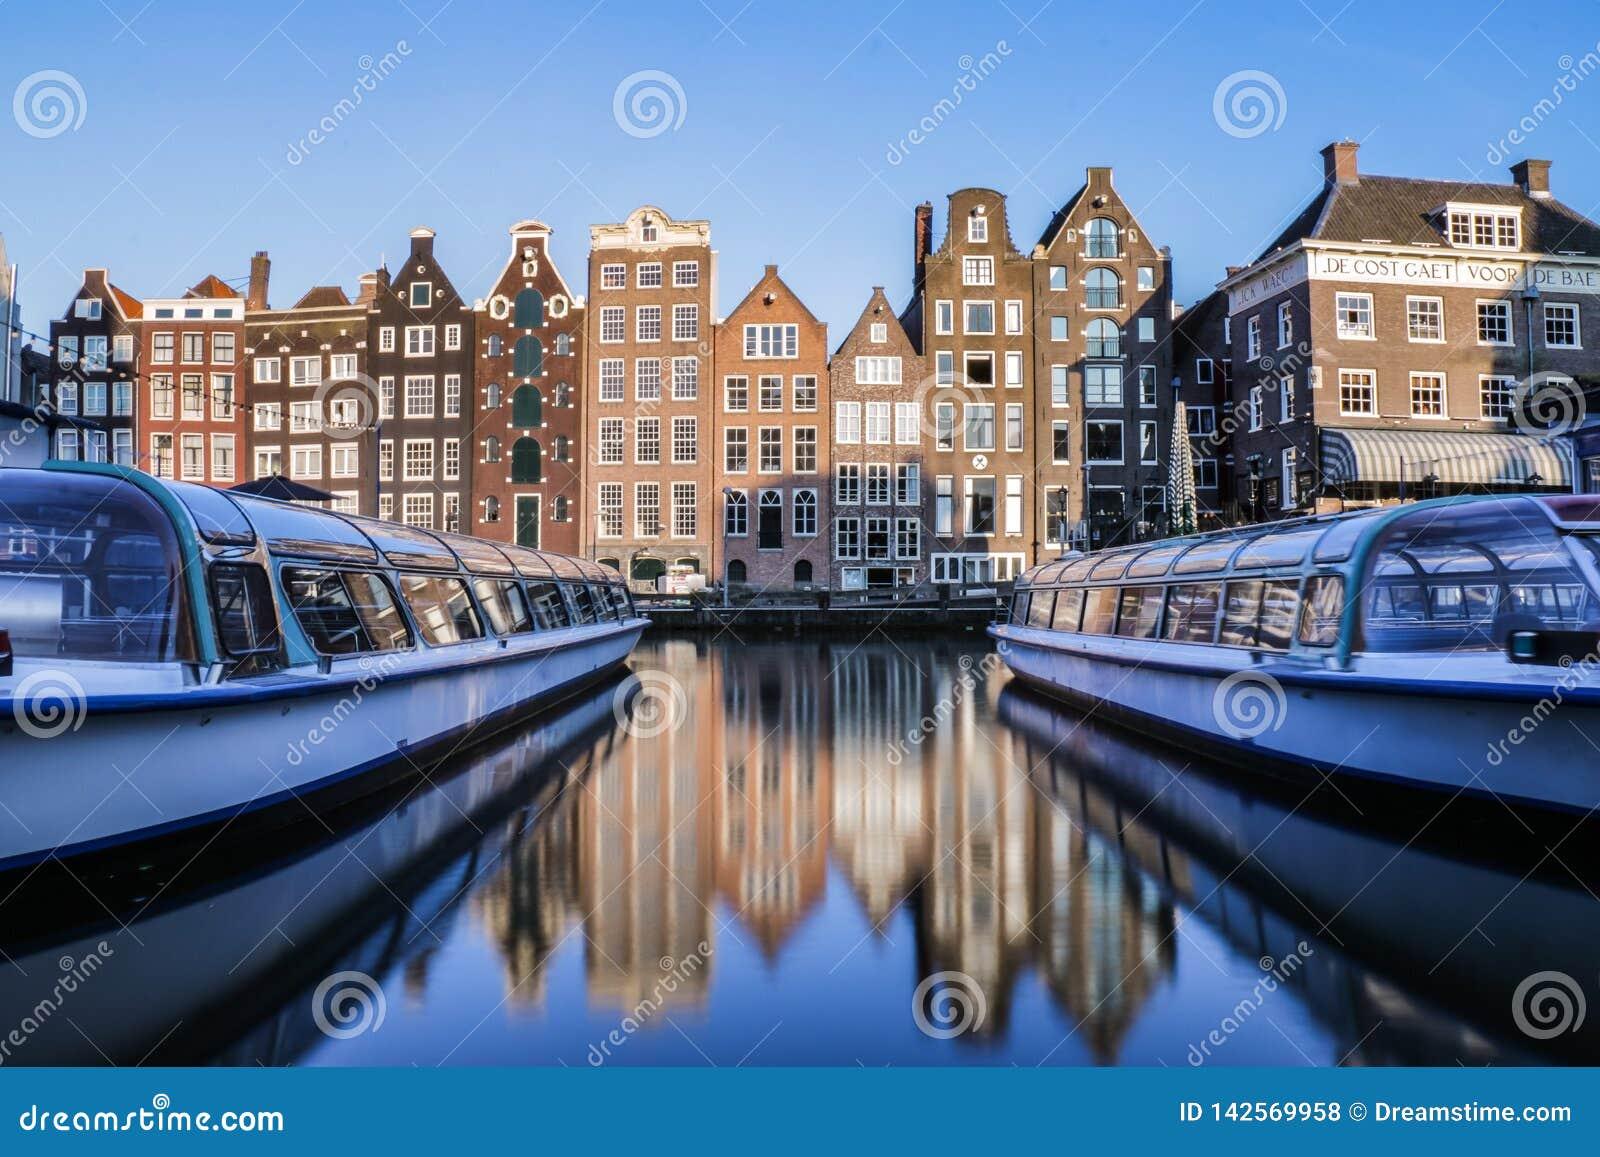 Reflexões de casas e de barcos de canal holandeses tradicionais do turista